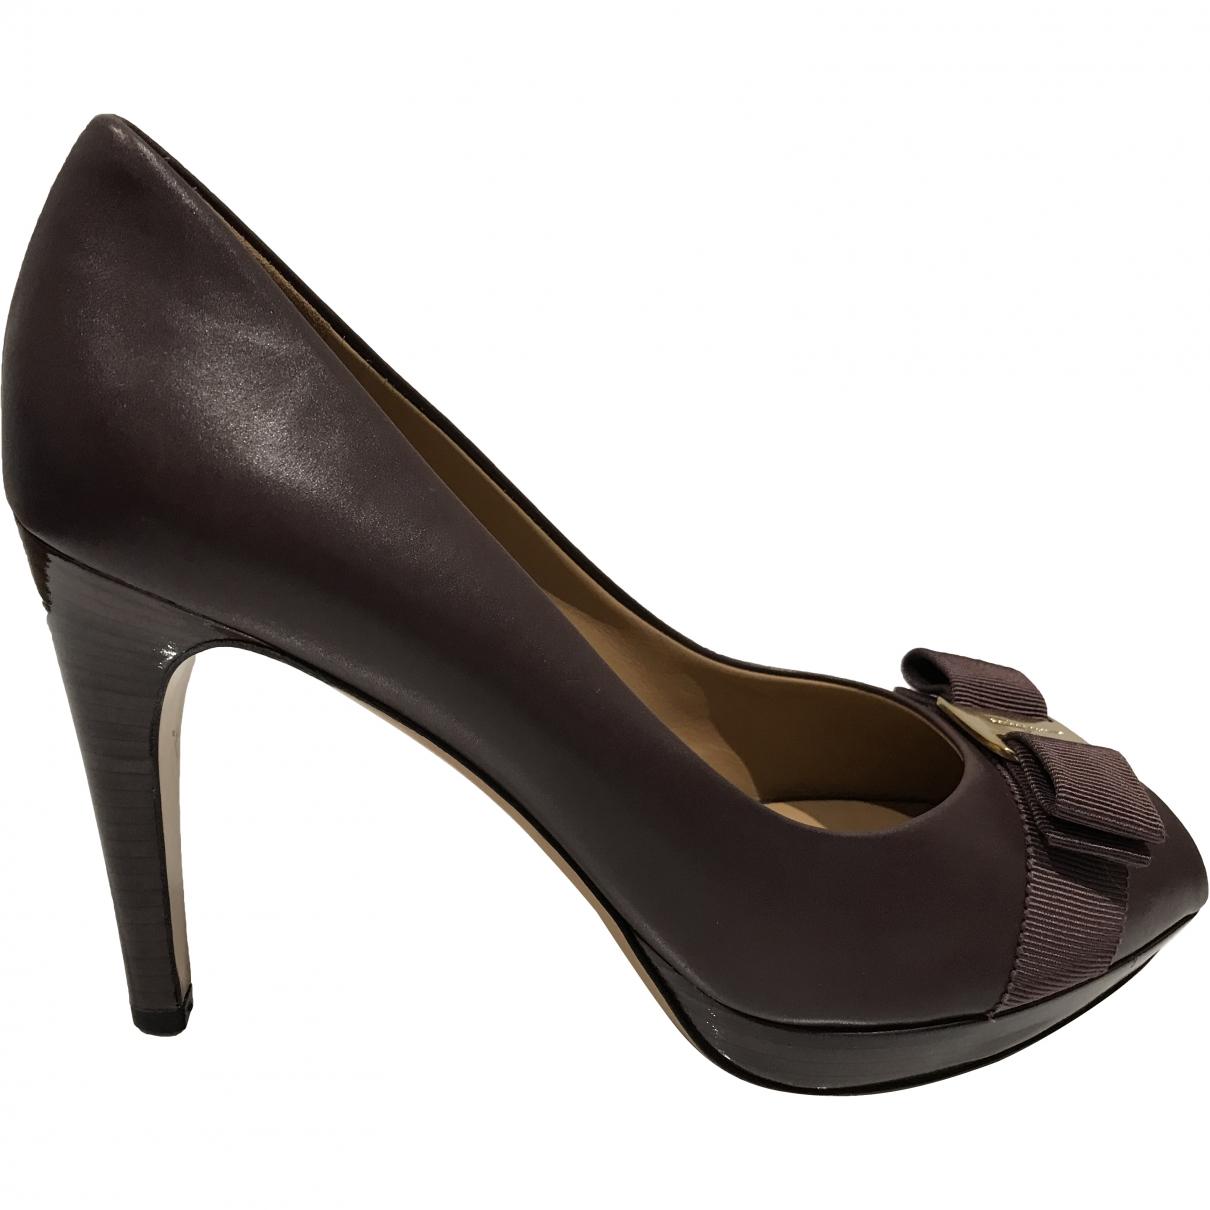 Salvatore Ferragamo \N Leather Heels for Women 39.5 EU